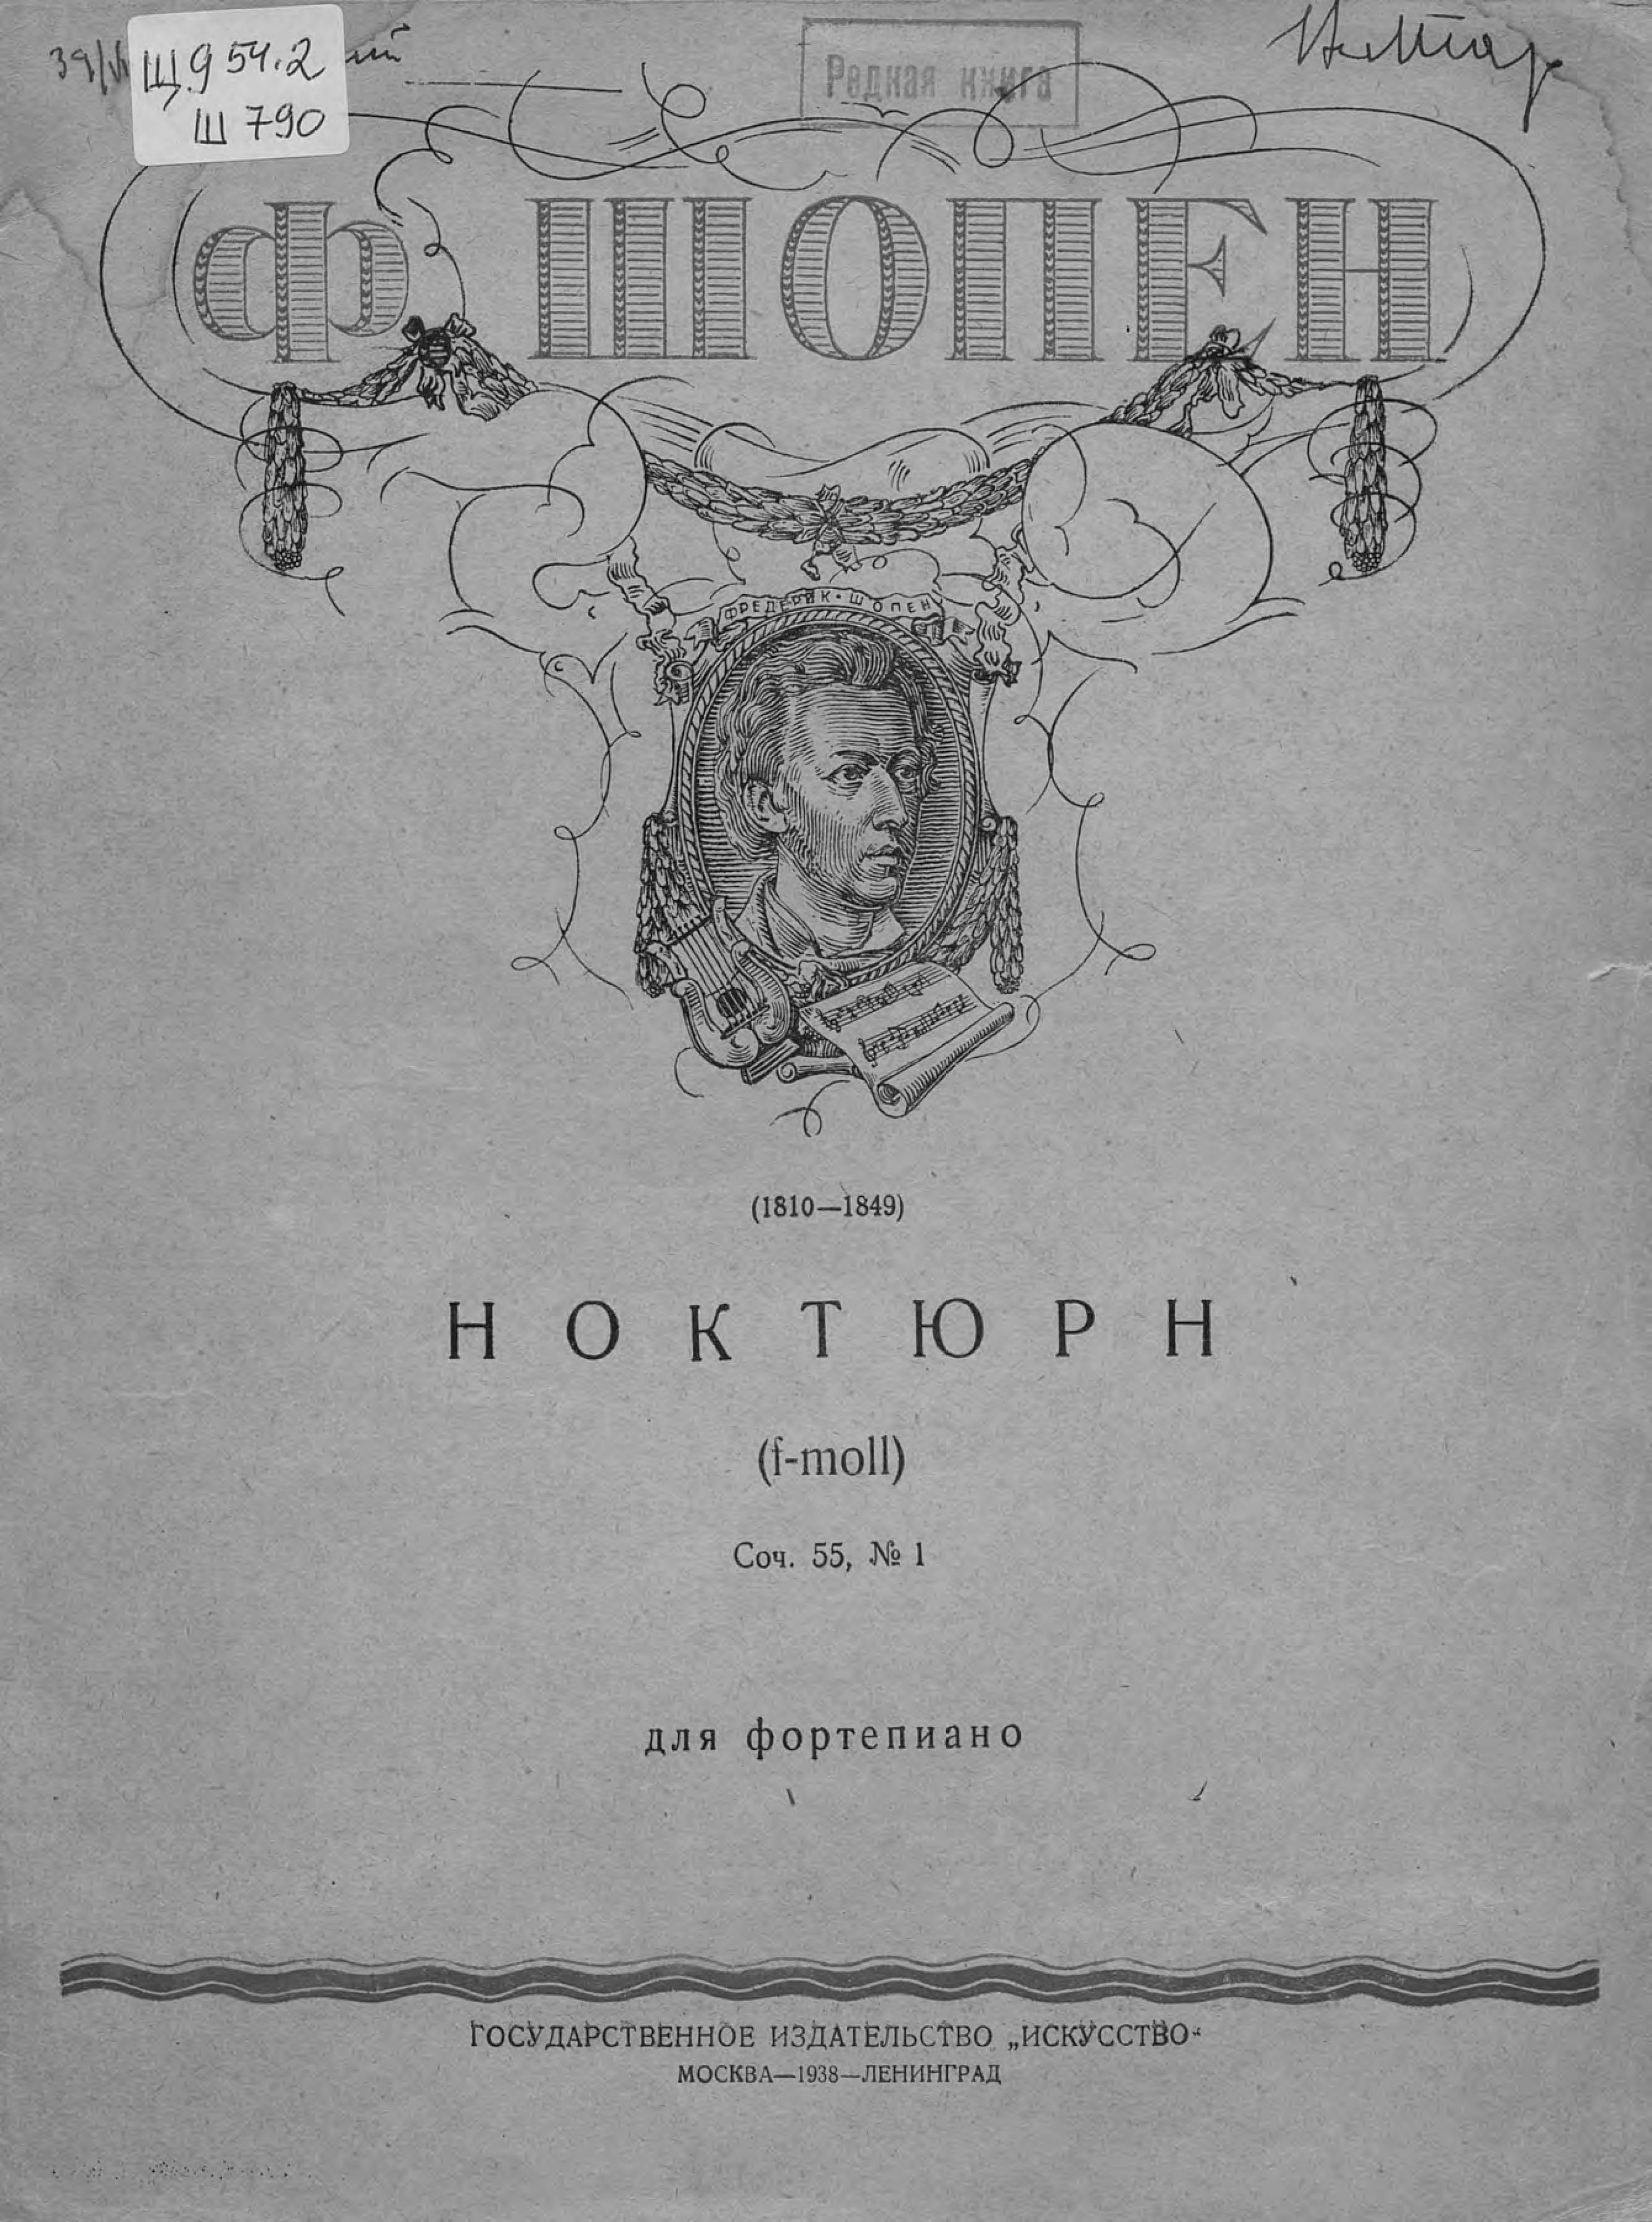 Фредерик Шопен Ноктюрн: (f-moll) ноктюрн пифагора